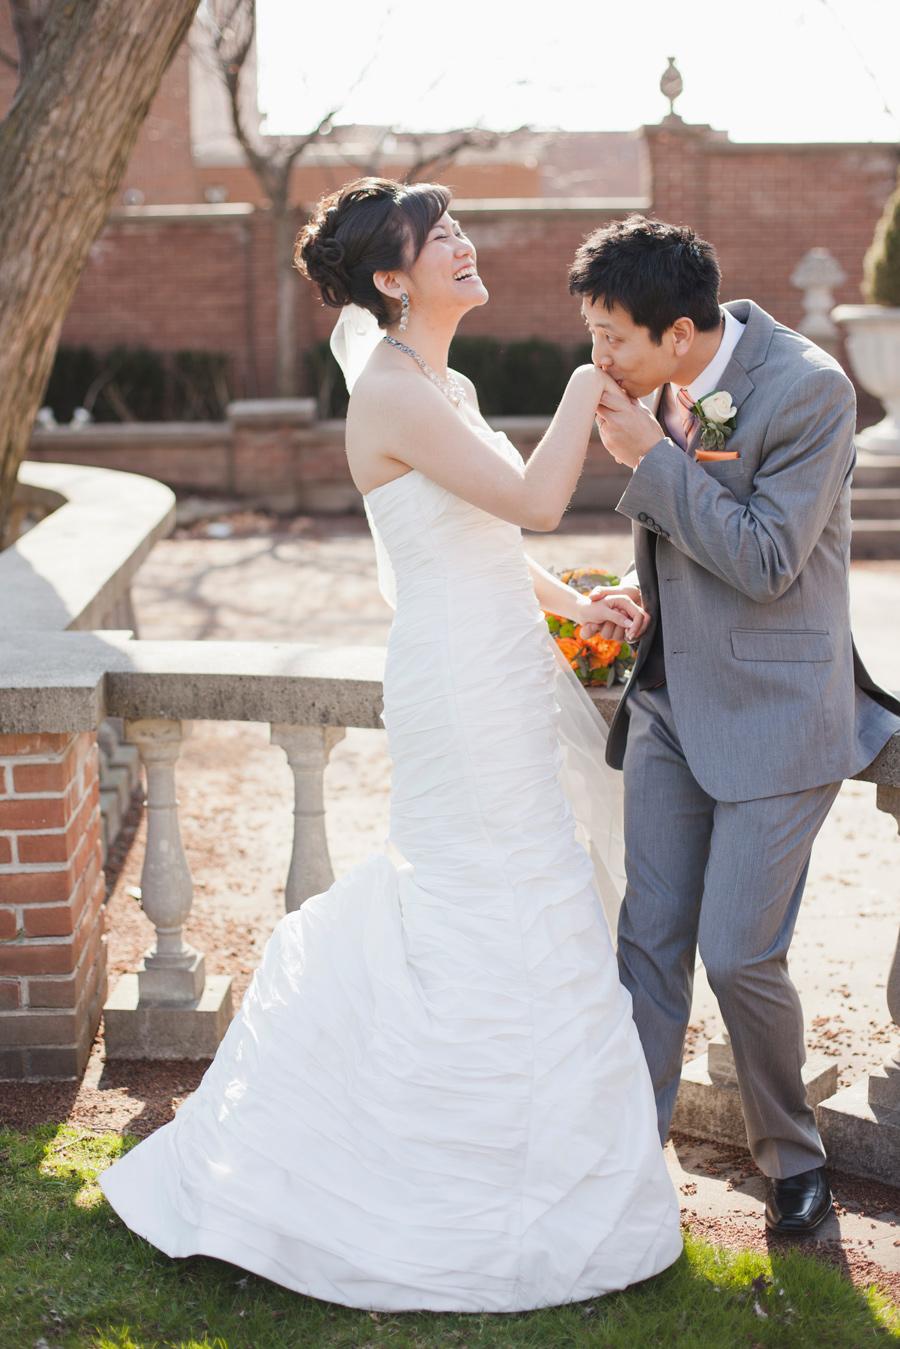 Toronto-Chinese-Wedding_32.jpg